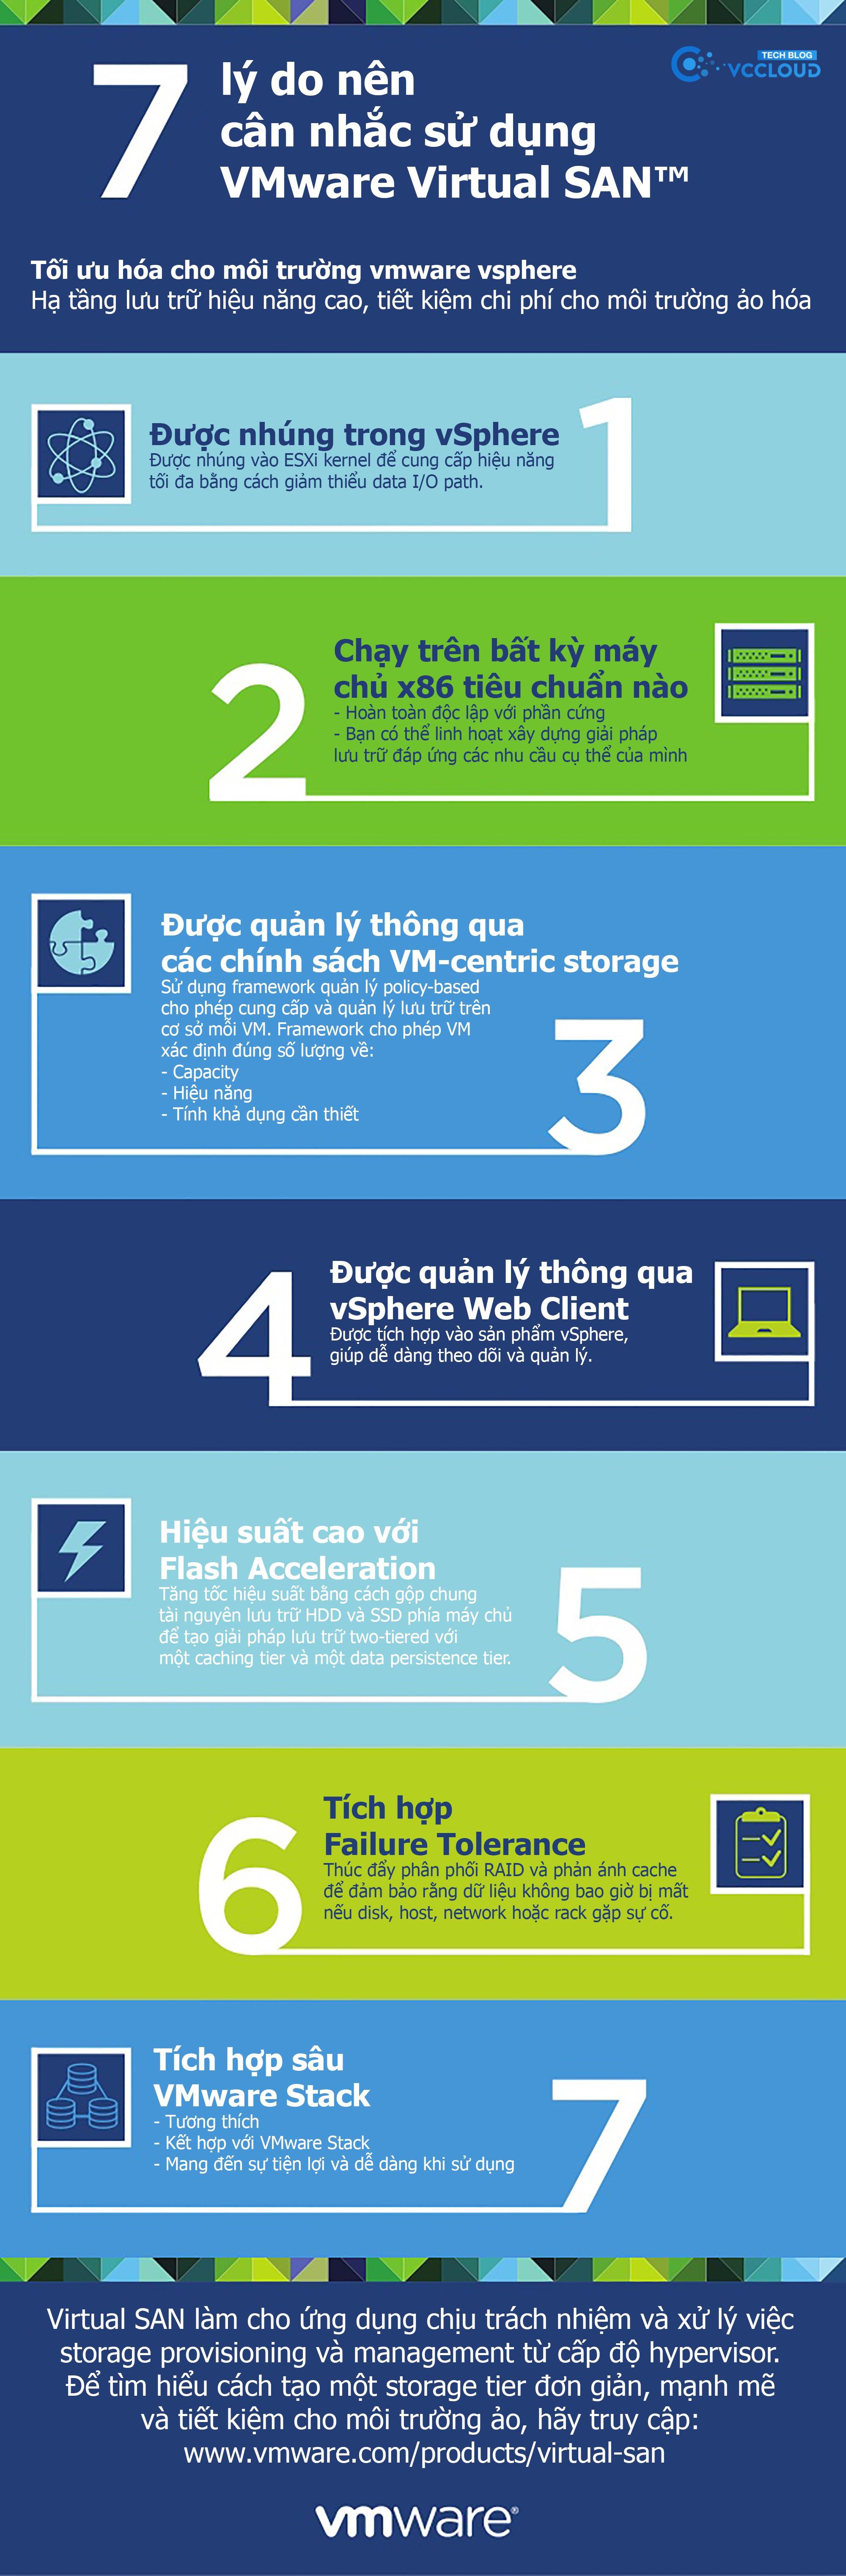 [Infographic] 7 lý do nên cân nhắc sử dụng VMware Virtual SAN™ - Ảnh 1.